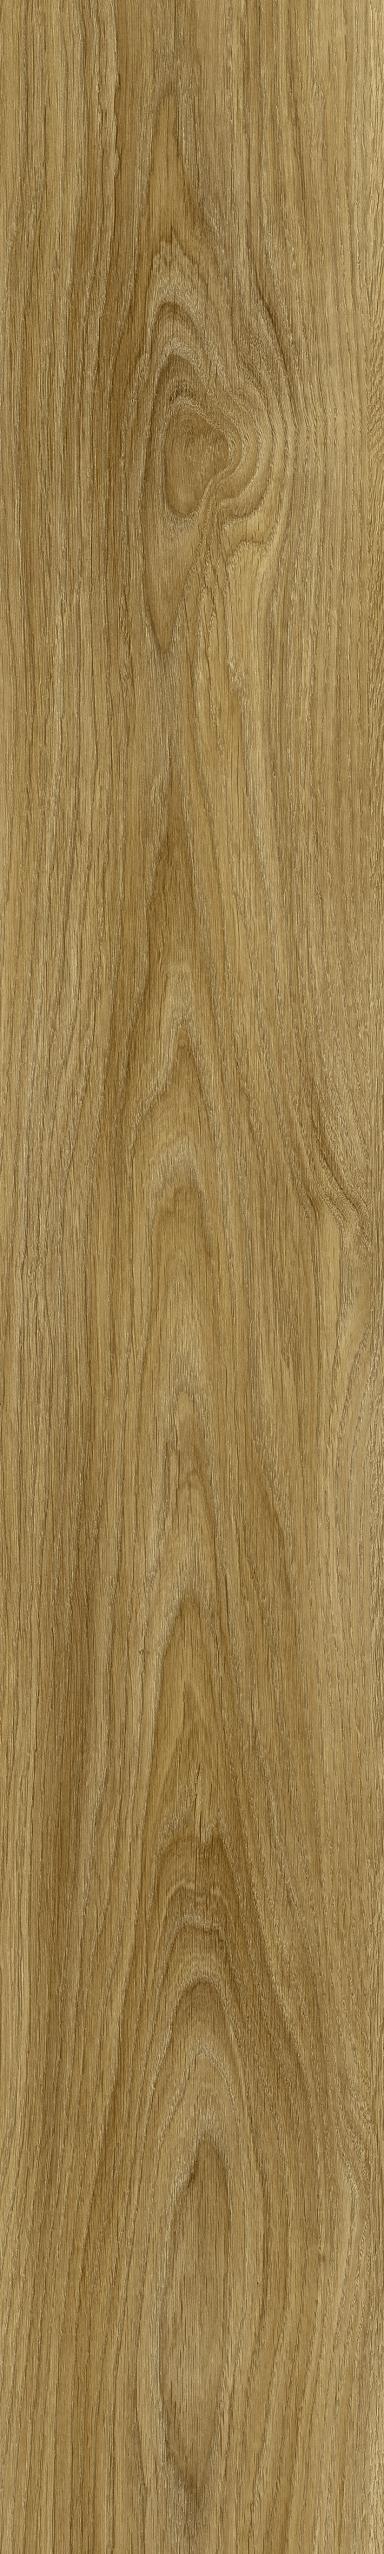 Līmējamā vinila grīda Moduleo Impress Laurel Oak 51262